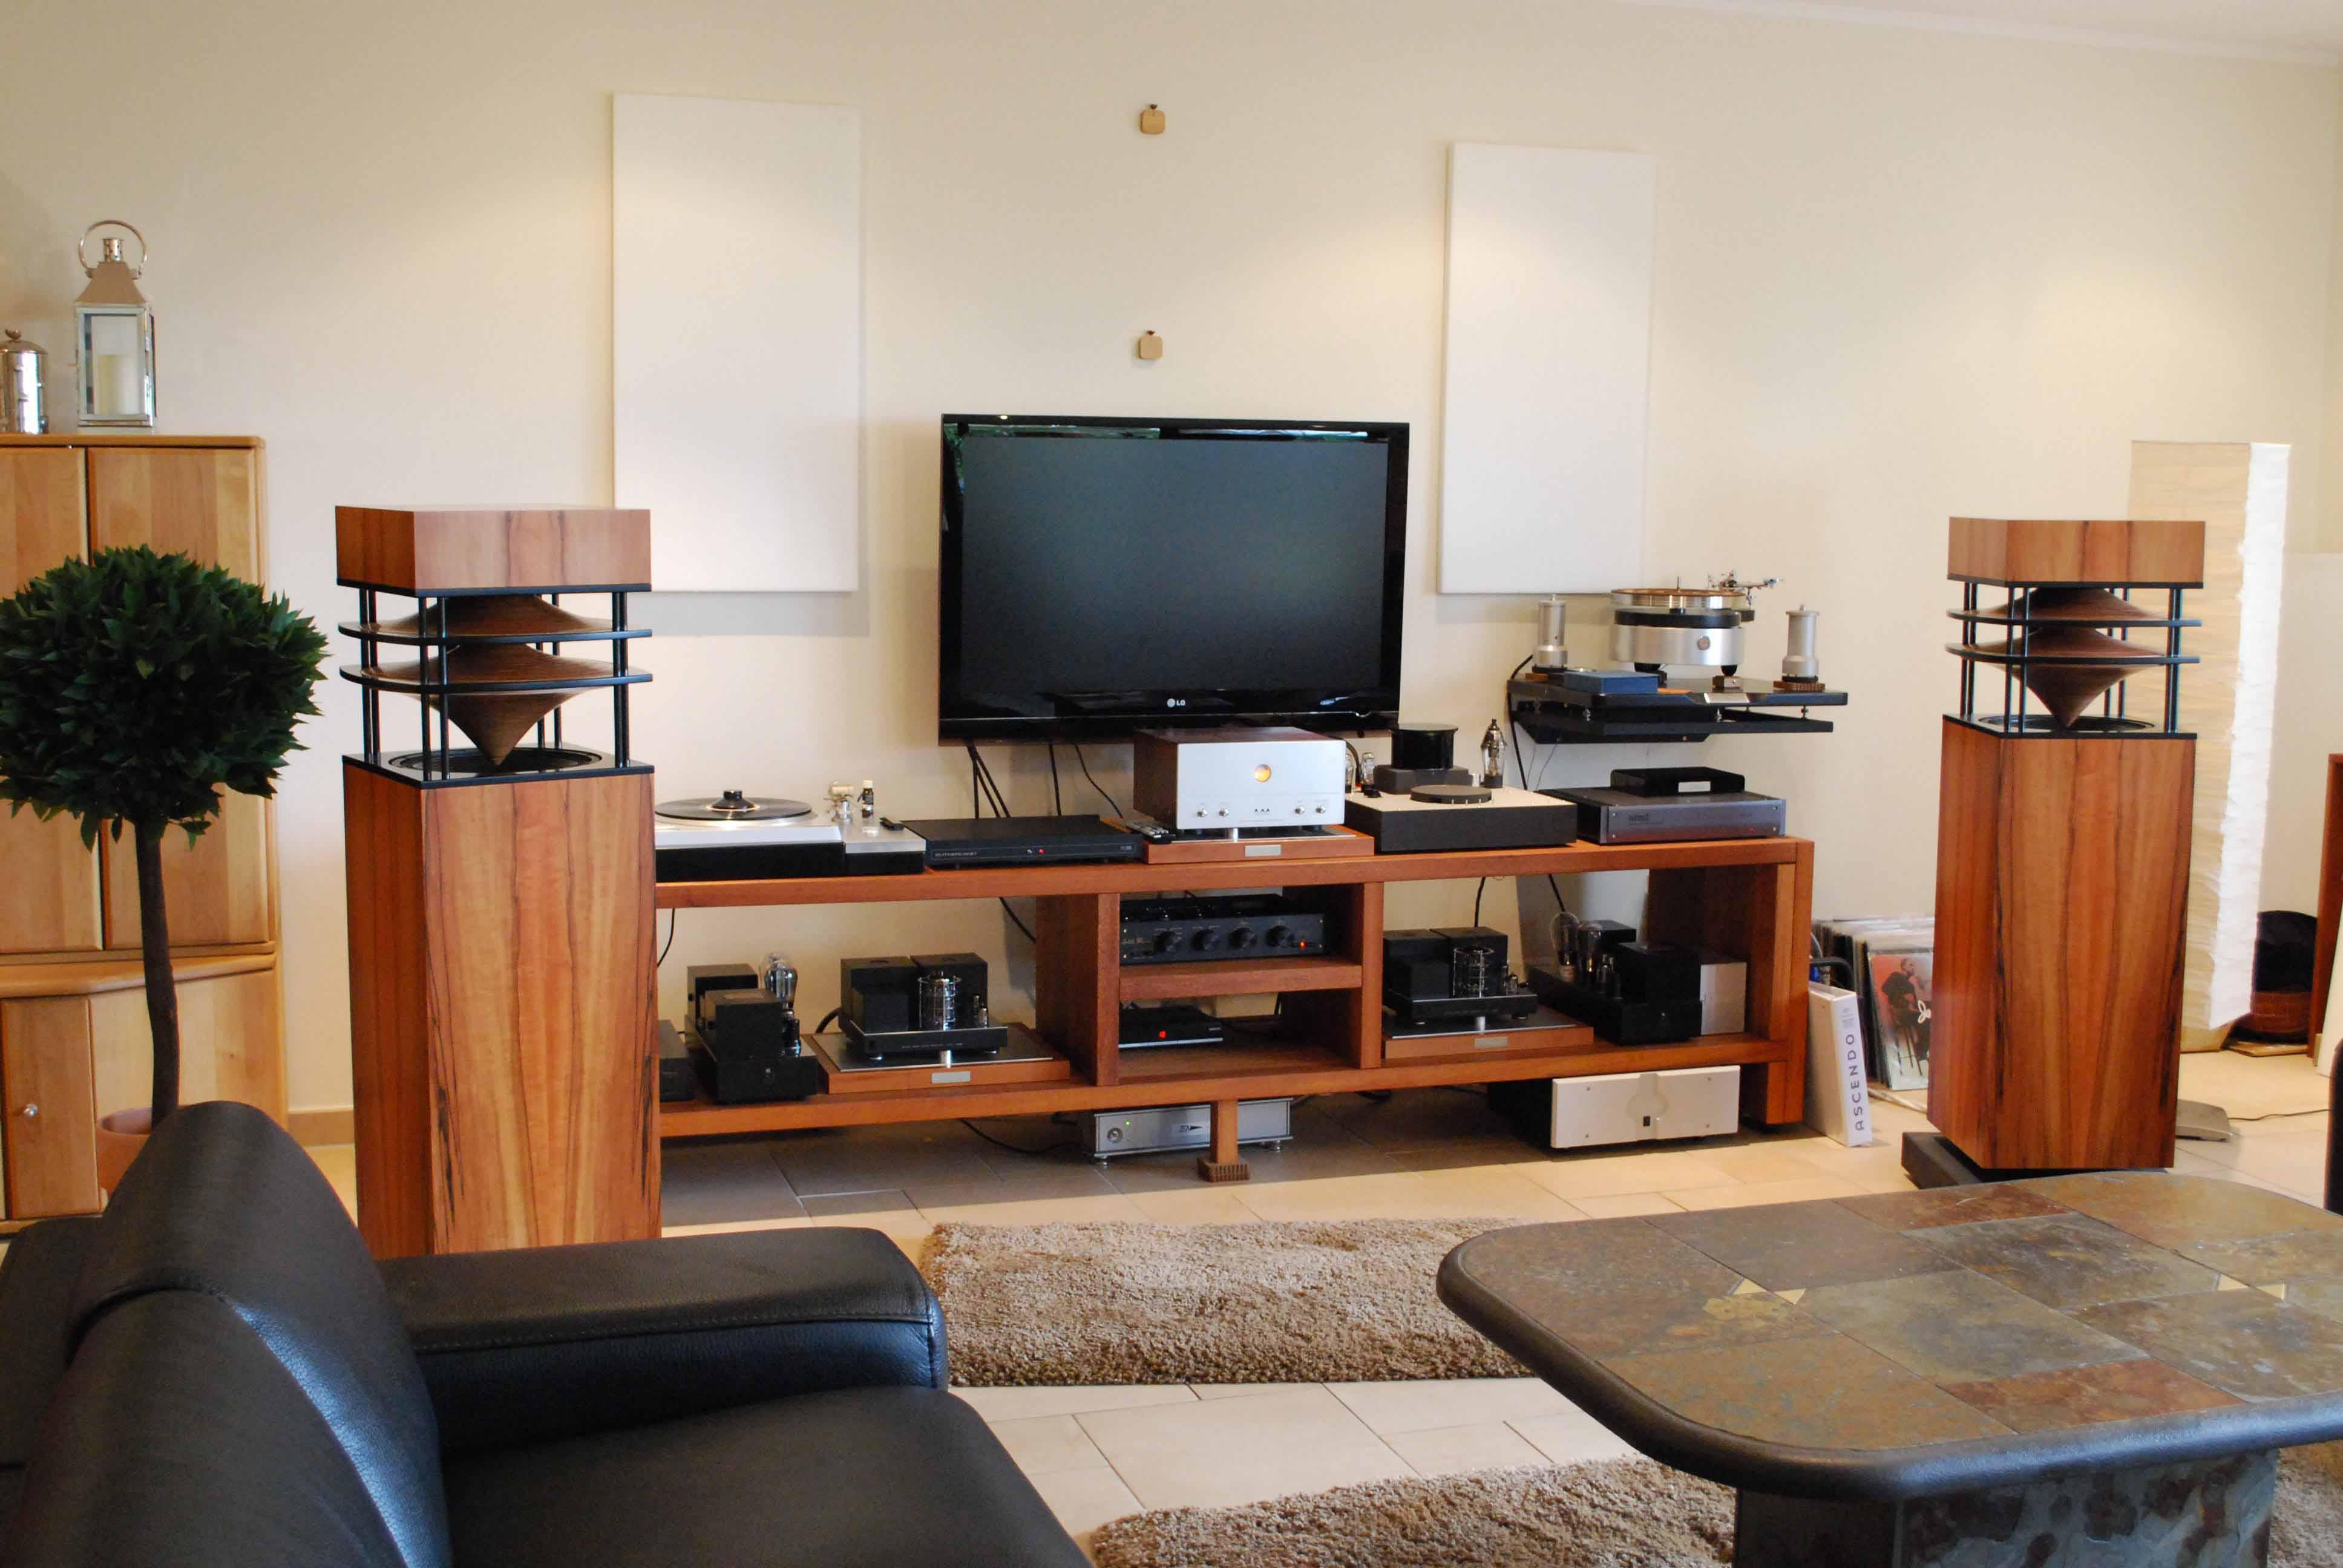 mein showroom hifi gebraucht kaufen und verkaufen hifi. Black Bedroom Furniture Sets. Home Design Ideas